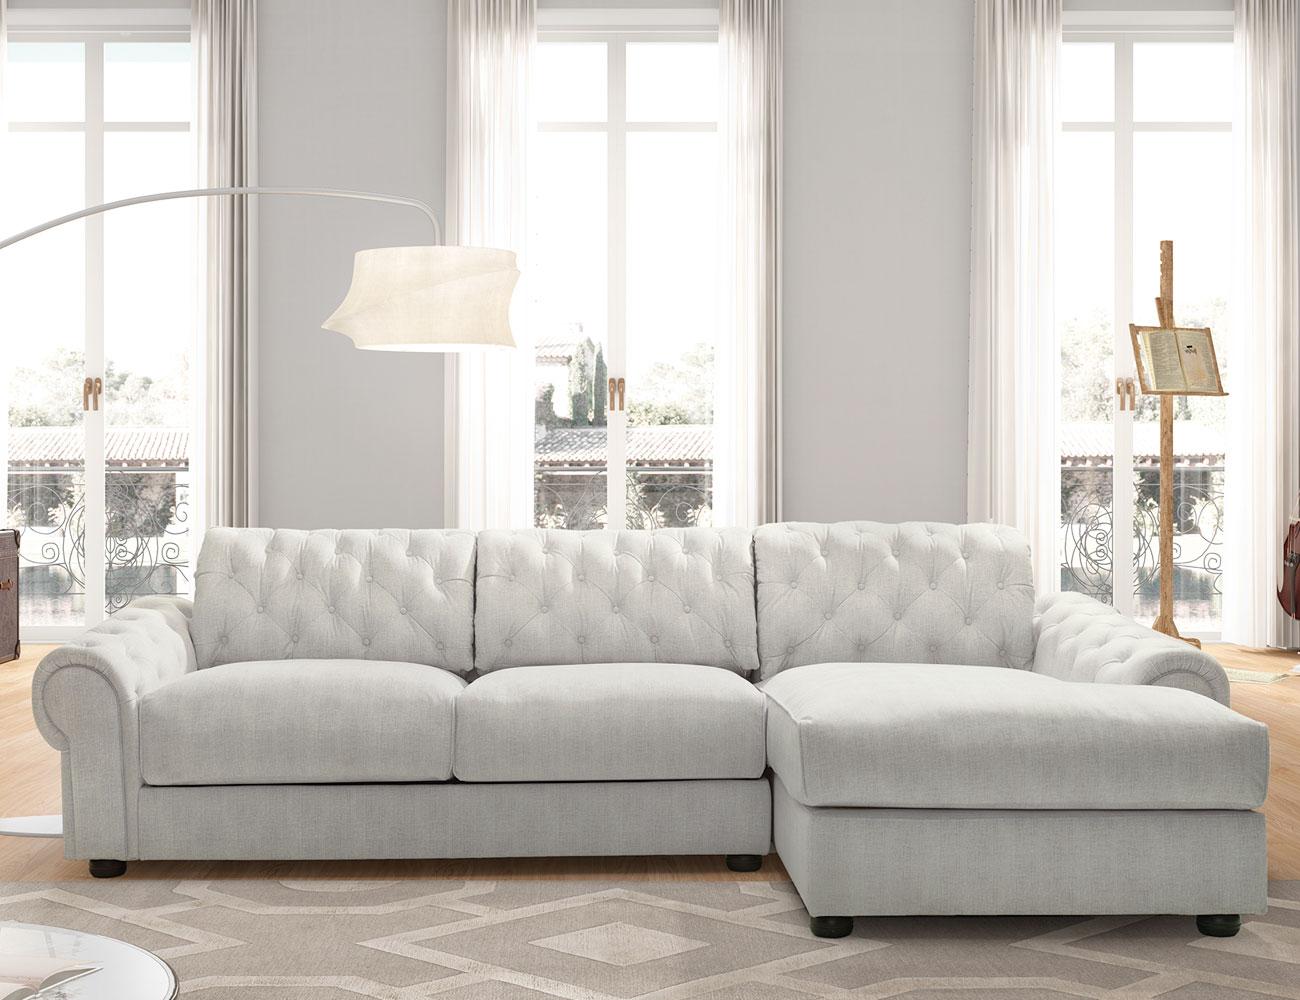 Sofa chaiselongue gran lujo decorativo capitone blanco tela